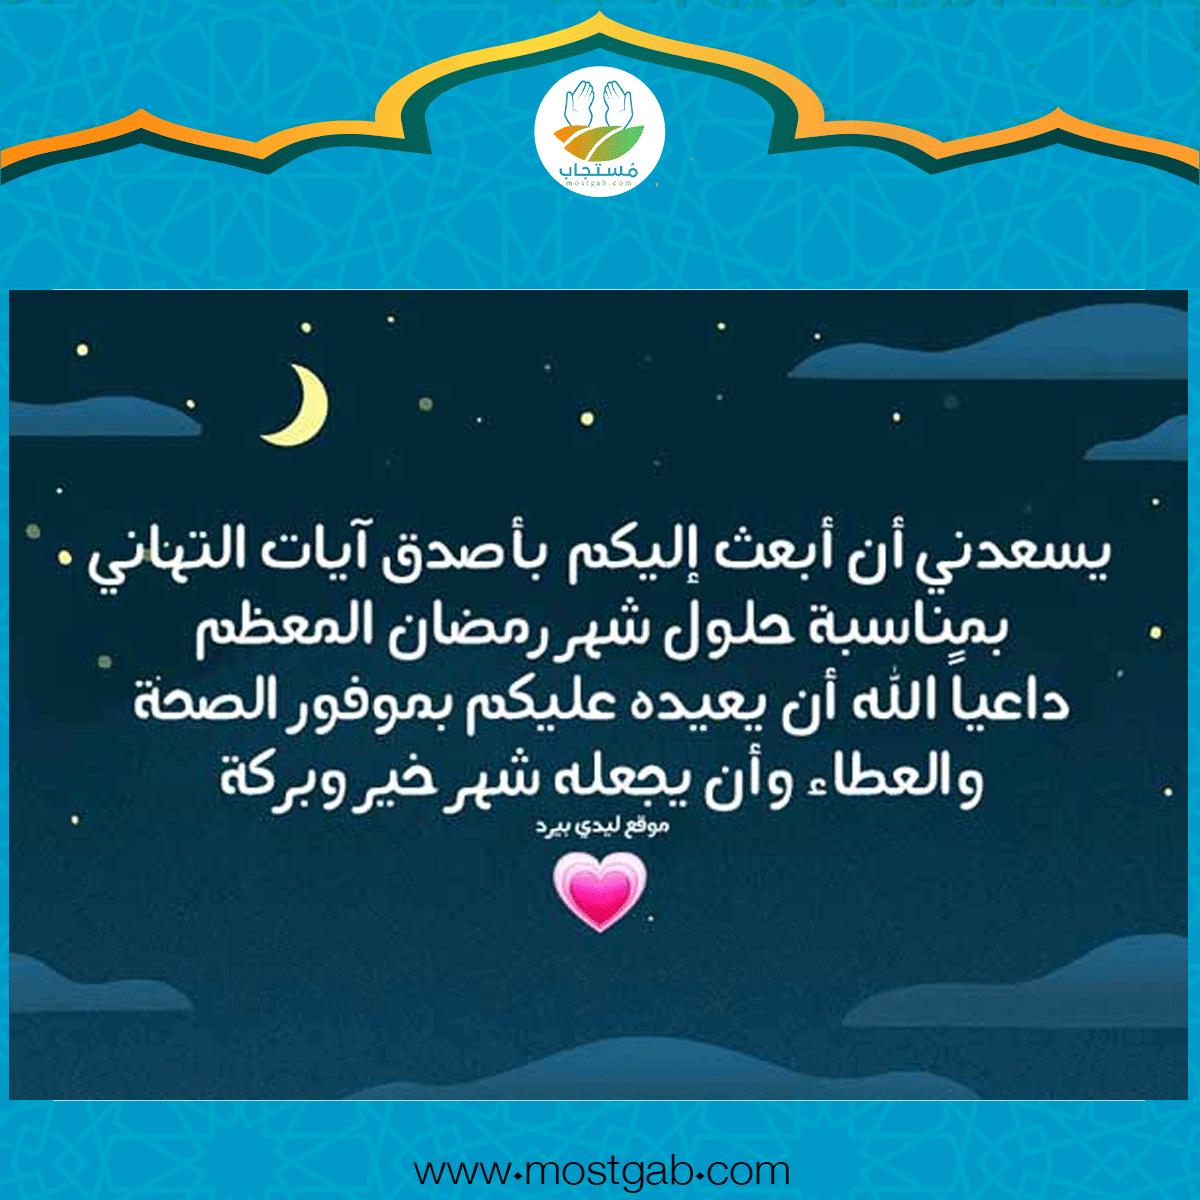 تهنئة رسمية بمناسبة شهر رمضان